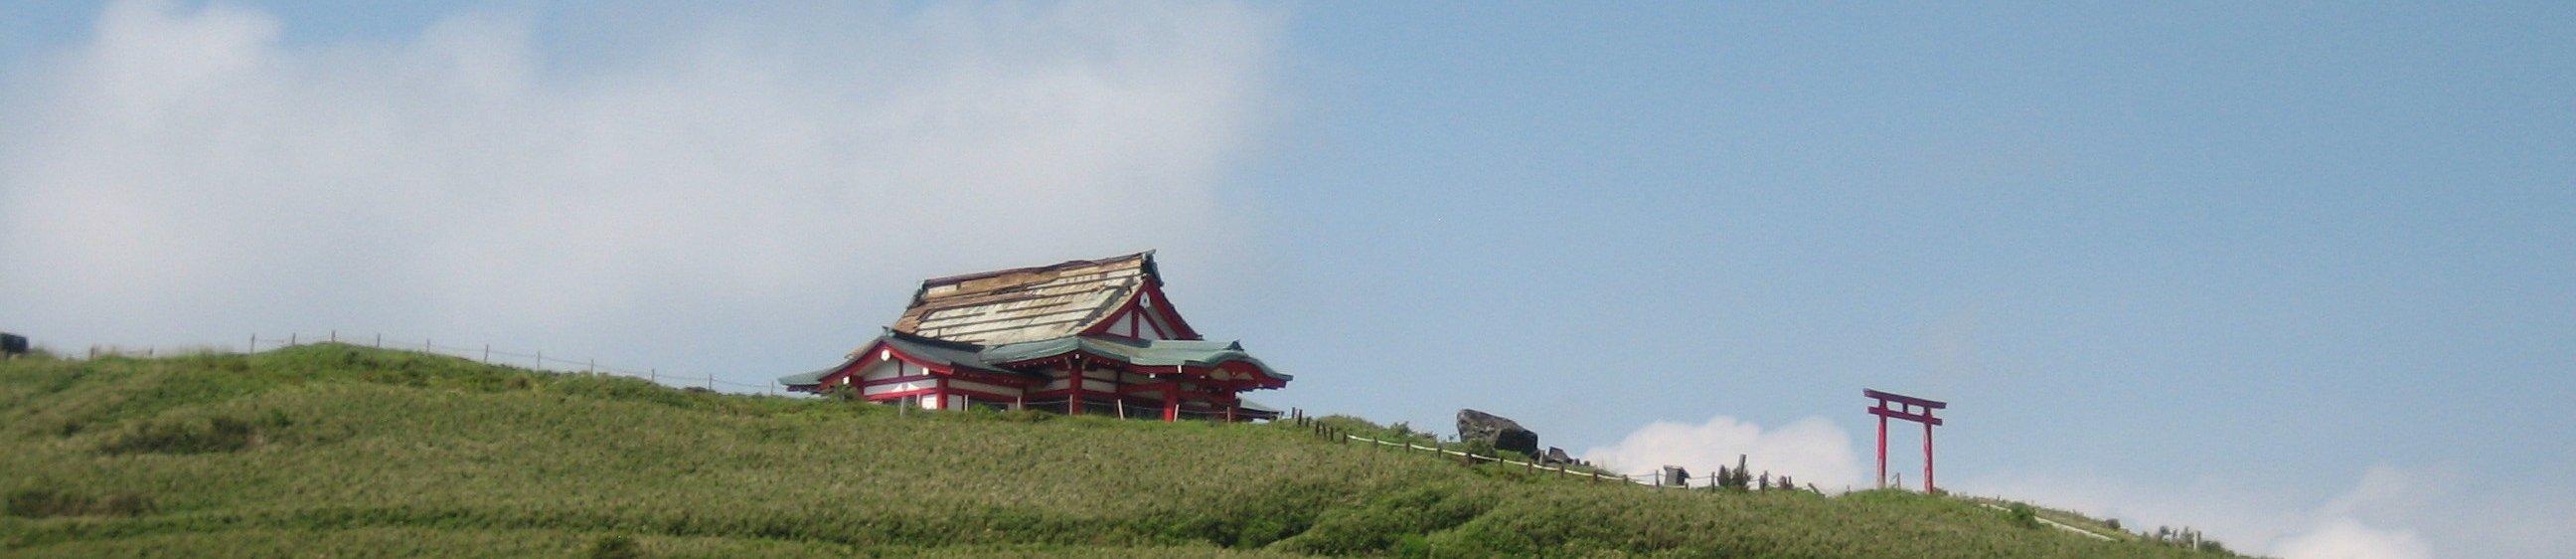 箱根旅行 banner image